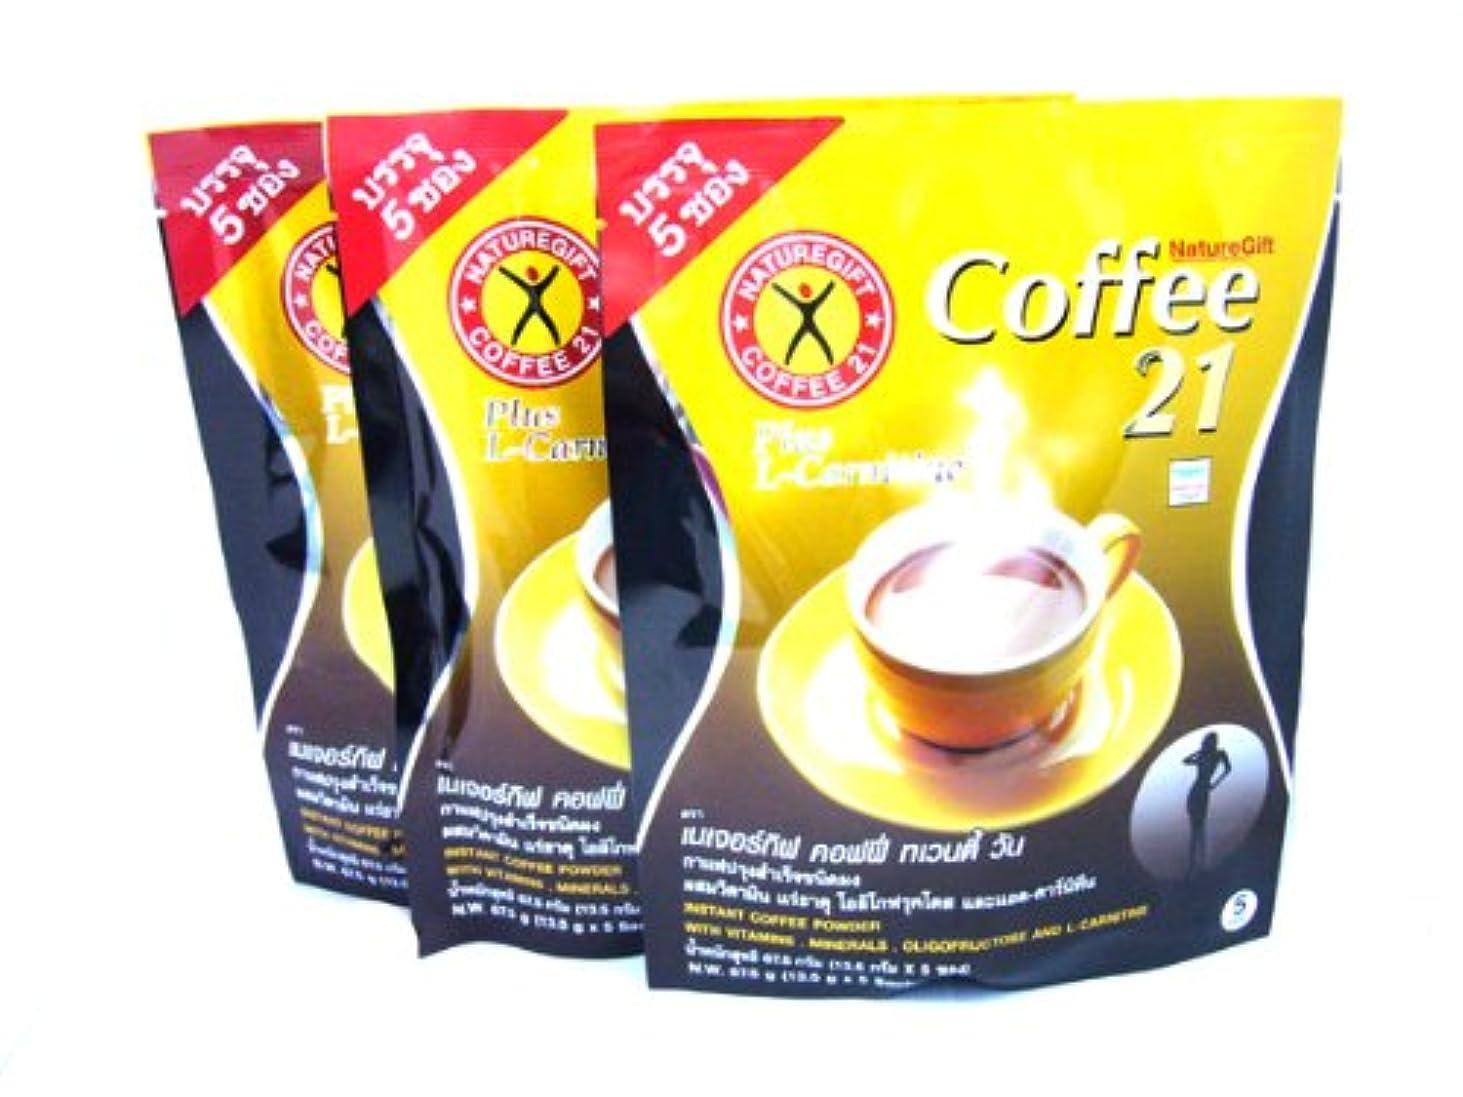 プランテーション空白アトラス3x Naturegift Instant Coffee Mix 21 Plus L-carnitine Slimming Weight Loss Diet Made in Thailand by alanroger